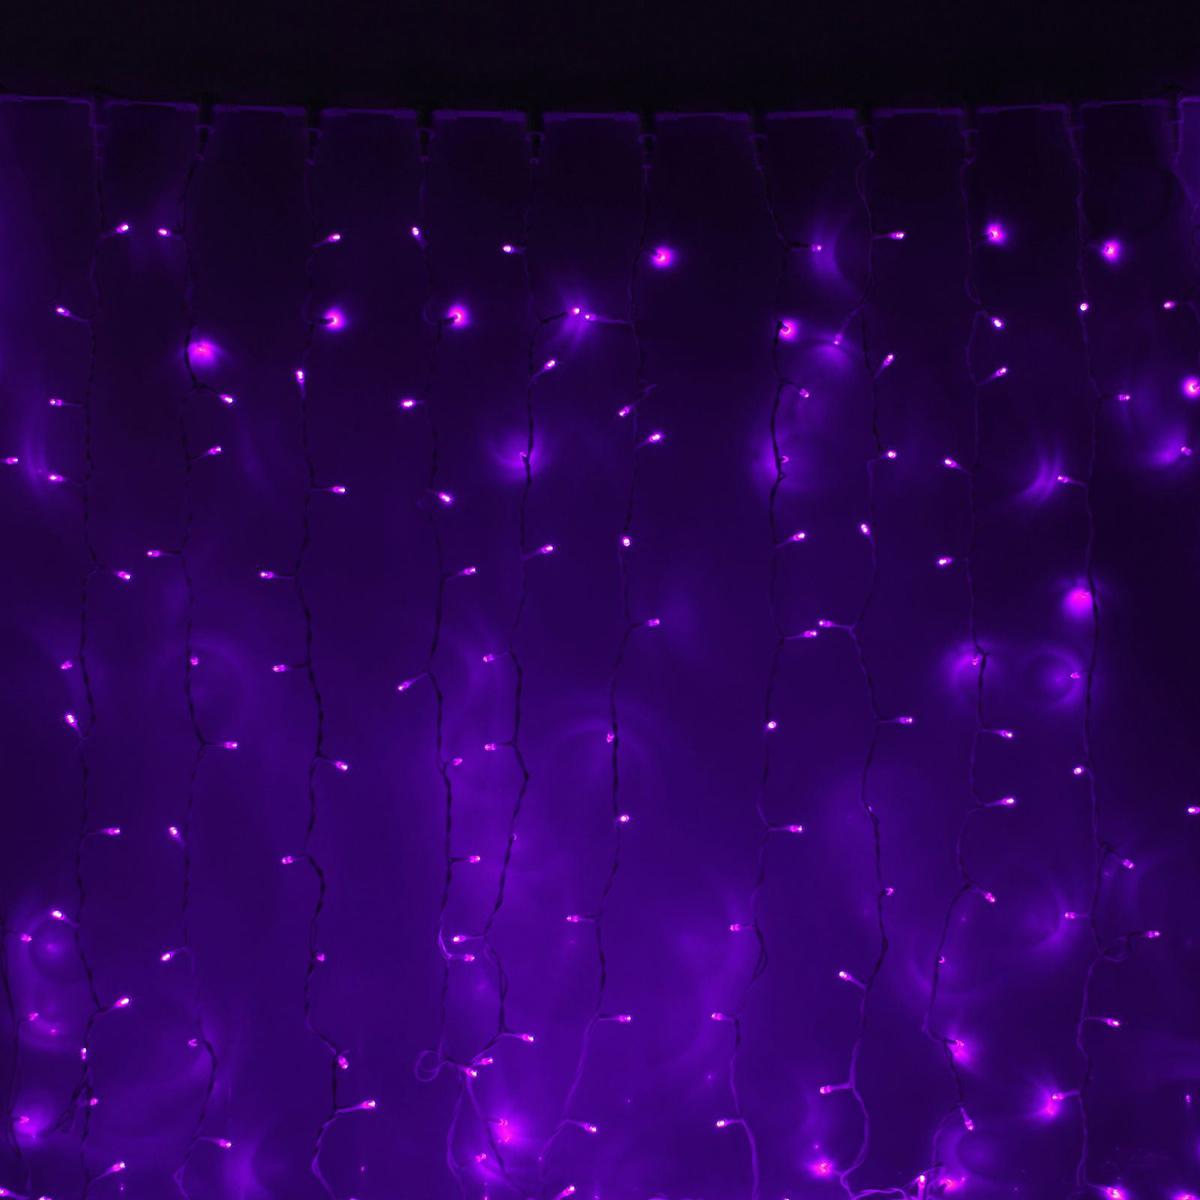 Гирлянда светодиодная Luazon Занавес, цвет: фиолетовый, уличная, 760 ламп, 220 V, 2 х 3 м. 10802311080231Светодиодные гирлянды и ленты — это отличный вариант для новогоднего оформления интерьера или фасада. С их помощью помещение любого размера можно превратить в праздничный зал, а внешние элементы зданий, украшенные ими, мгновенно станут напоминать очертания сказочного дворца. Такие украшения создают ауру предвкушения чуда. Деревья, фасады, витрины, окна и арки будто специально созданы, чтобы вы украсили их светящимися нитями.